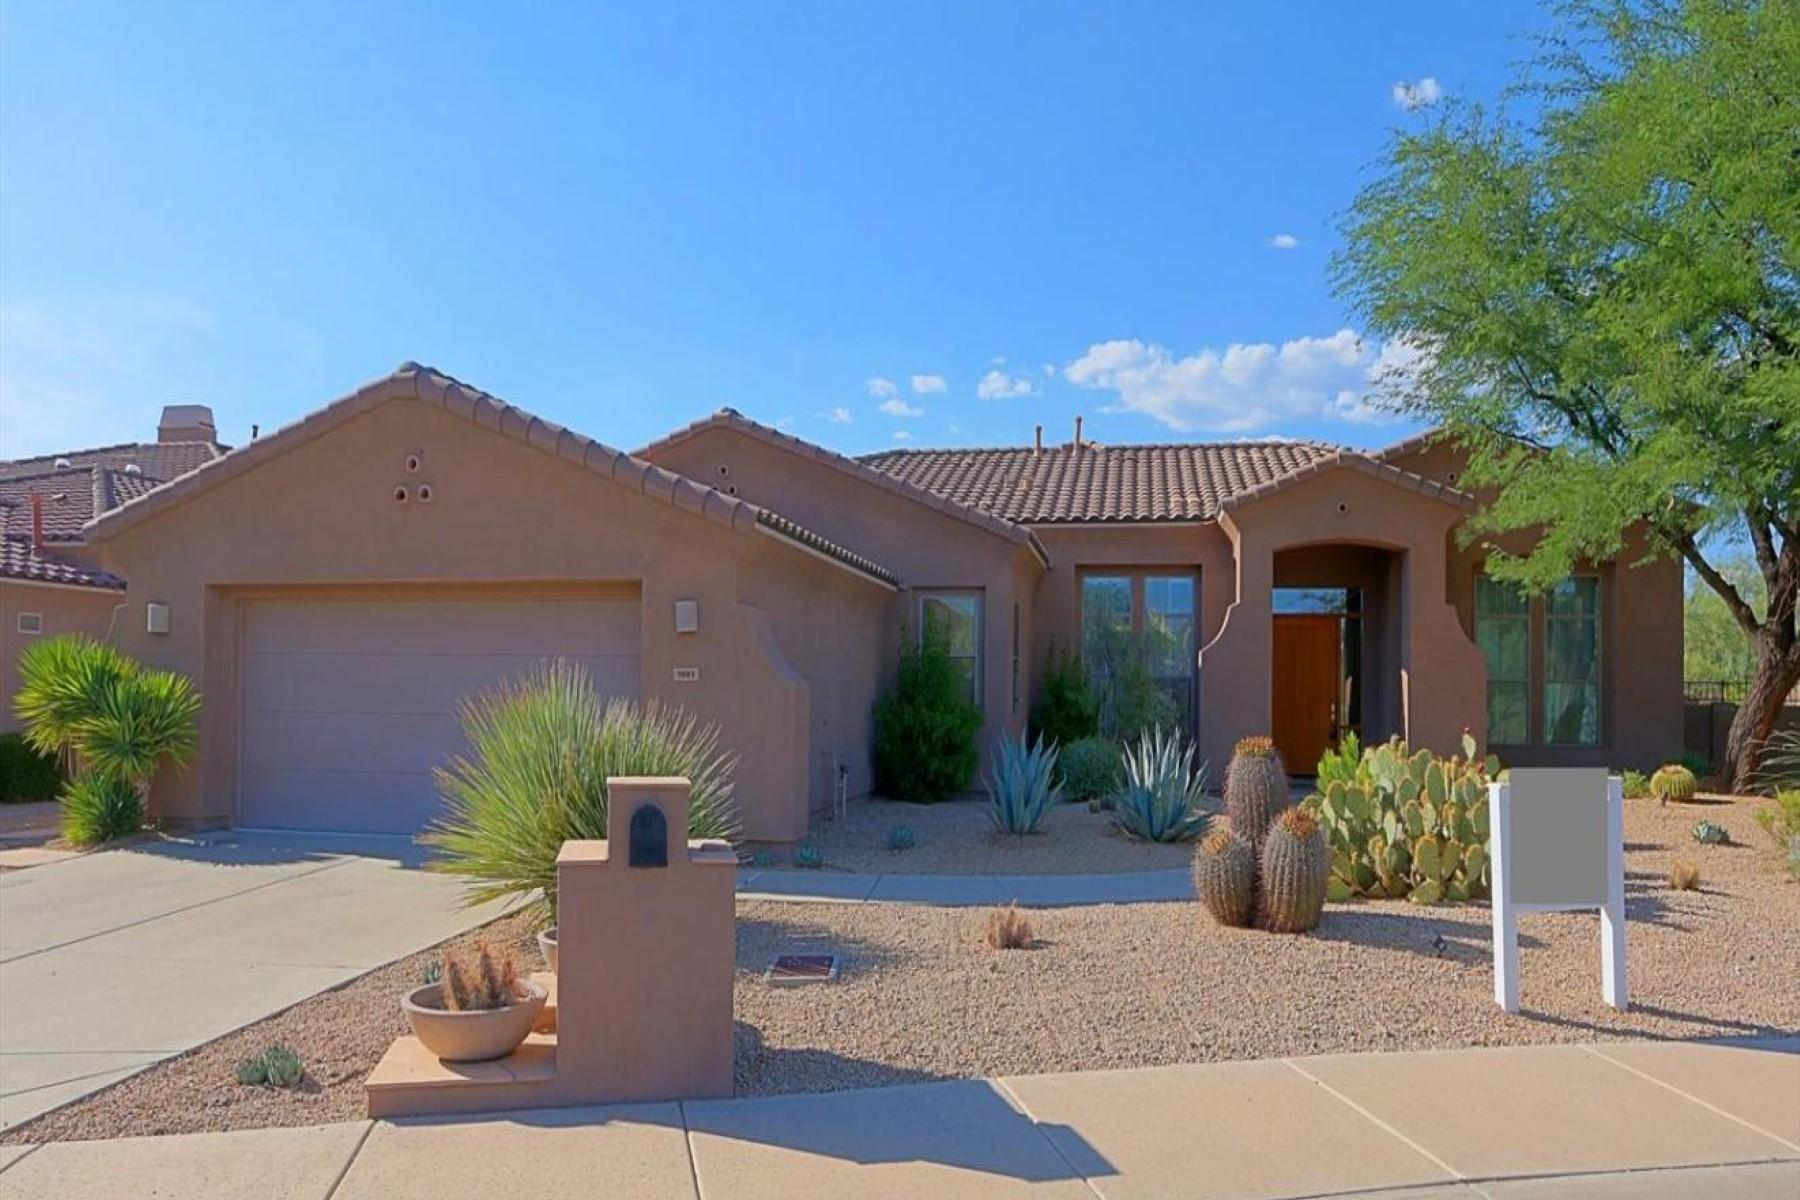 Maison unifamiliale pour l Vente à Resort Style Community 7882 E Evening Glow Dr Scottsdale, Arizona 85266 États-Unis